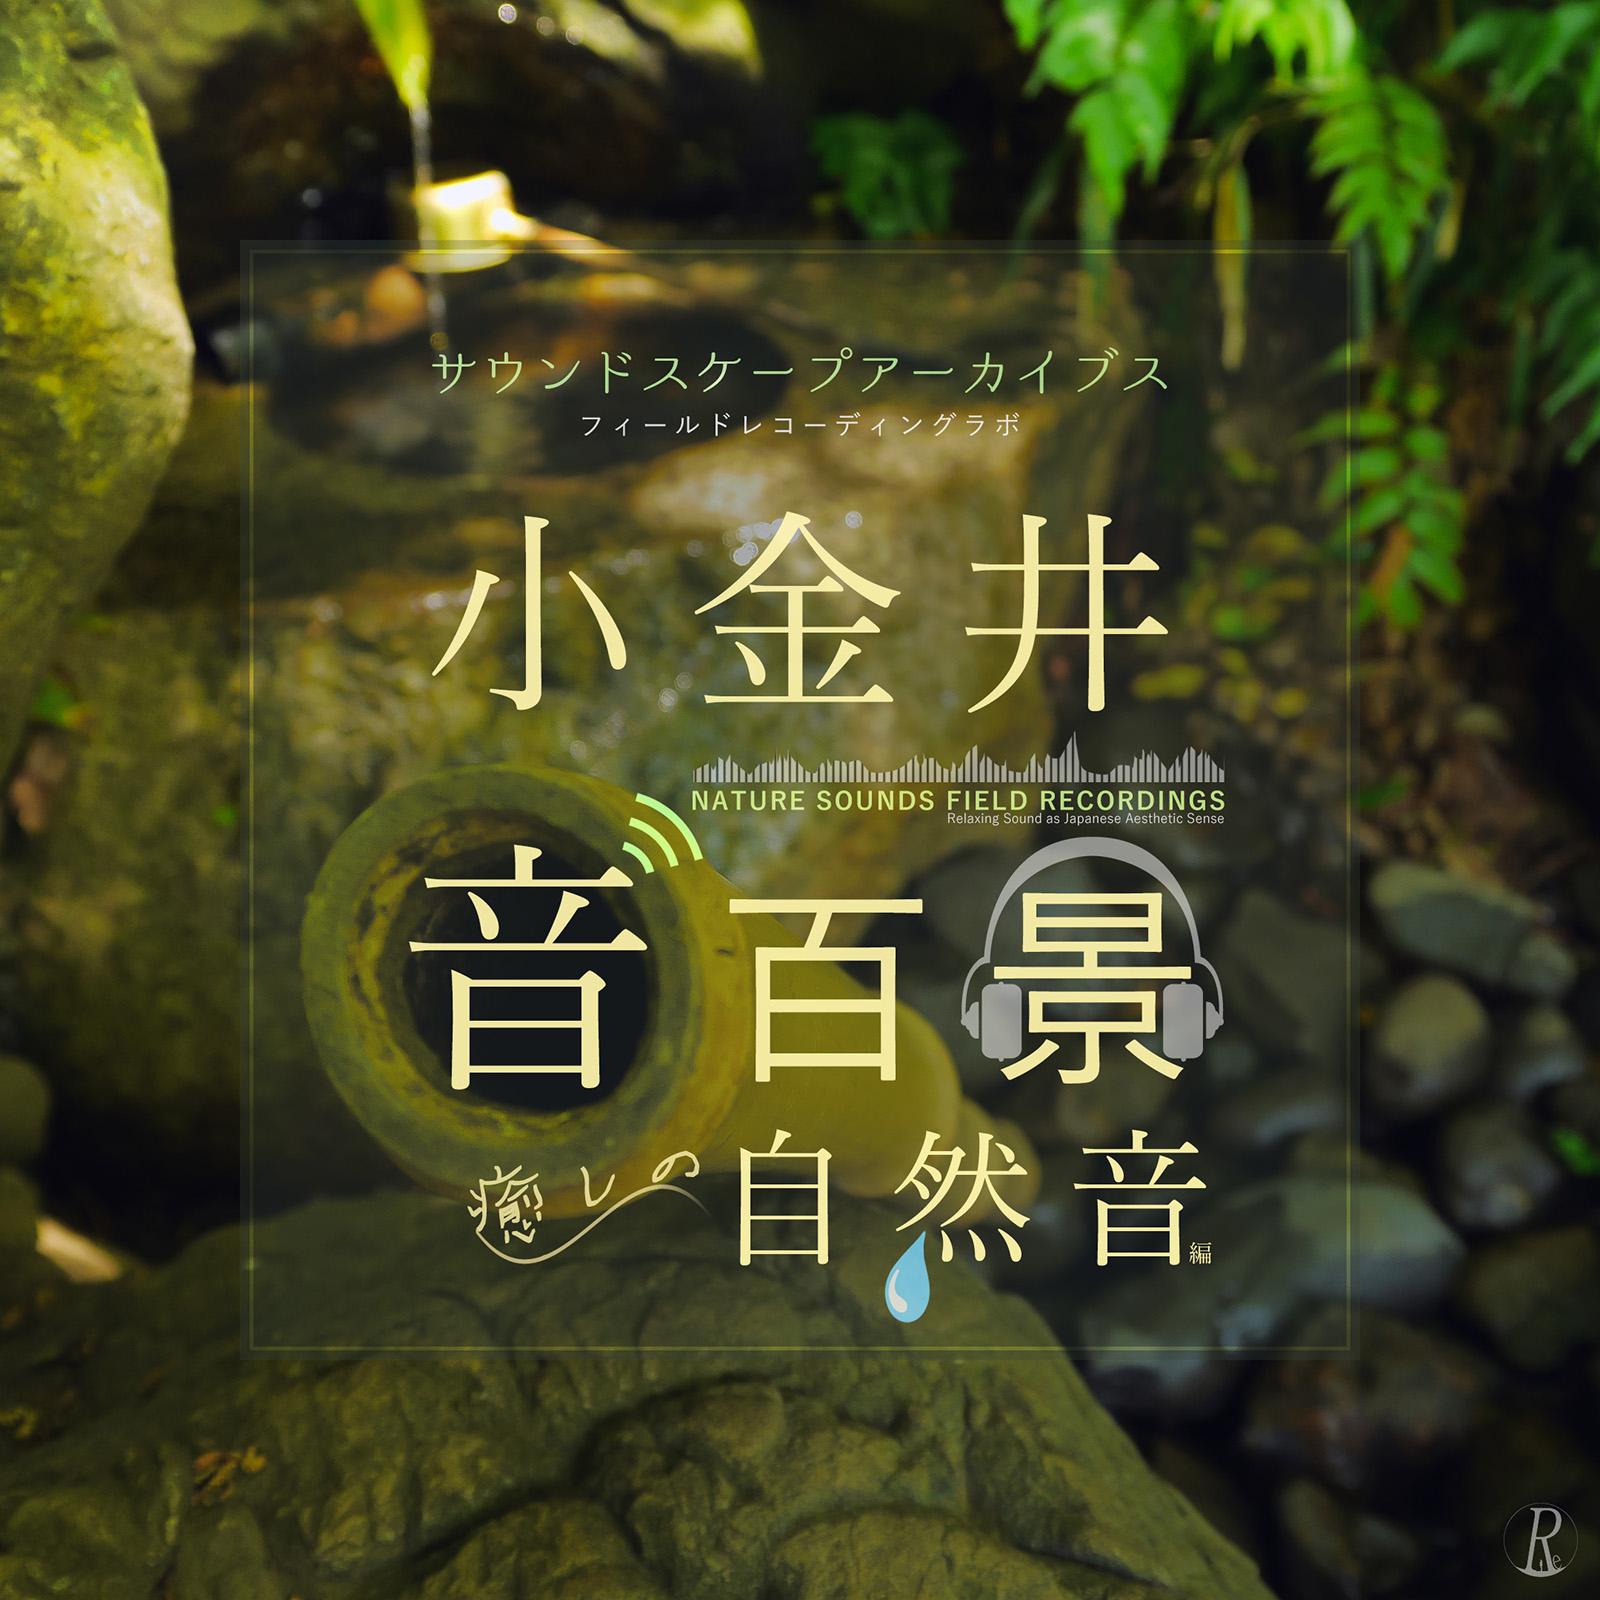 Field Recording Lab - 小金井音百景「癒しの自然音」編 サウンドスケープアーカイブス - フィールドレコーディングラボ